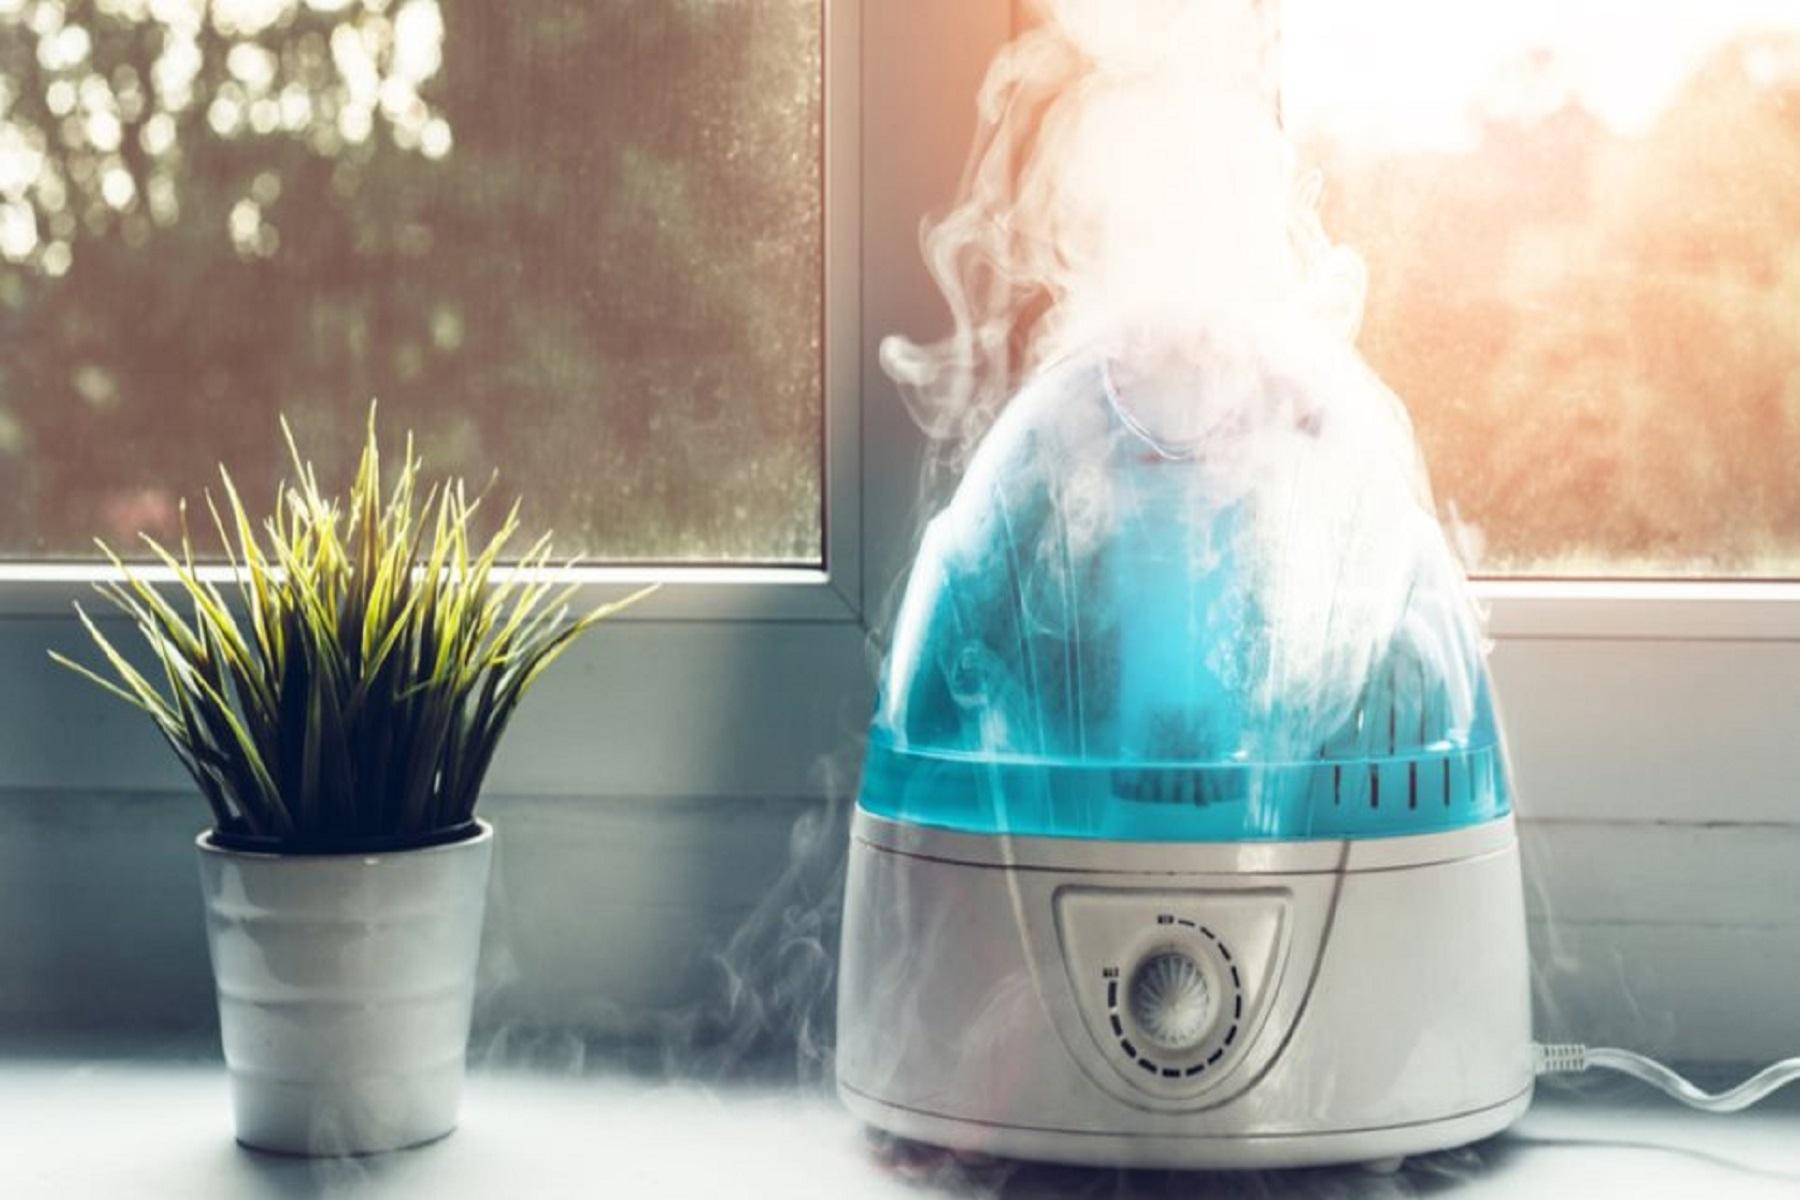 Υγραντήρας Κορωνοϊός: Όταν ο ξηρός αέρας εξηγεί την έξαρση της covid-19 σε κάποιο βαθμό